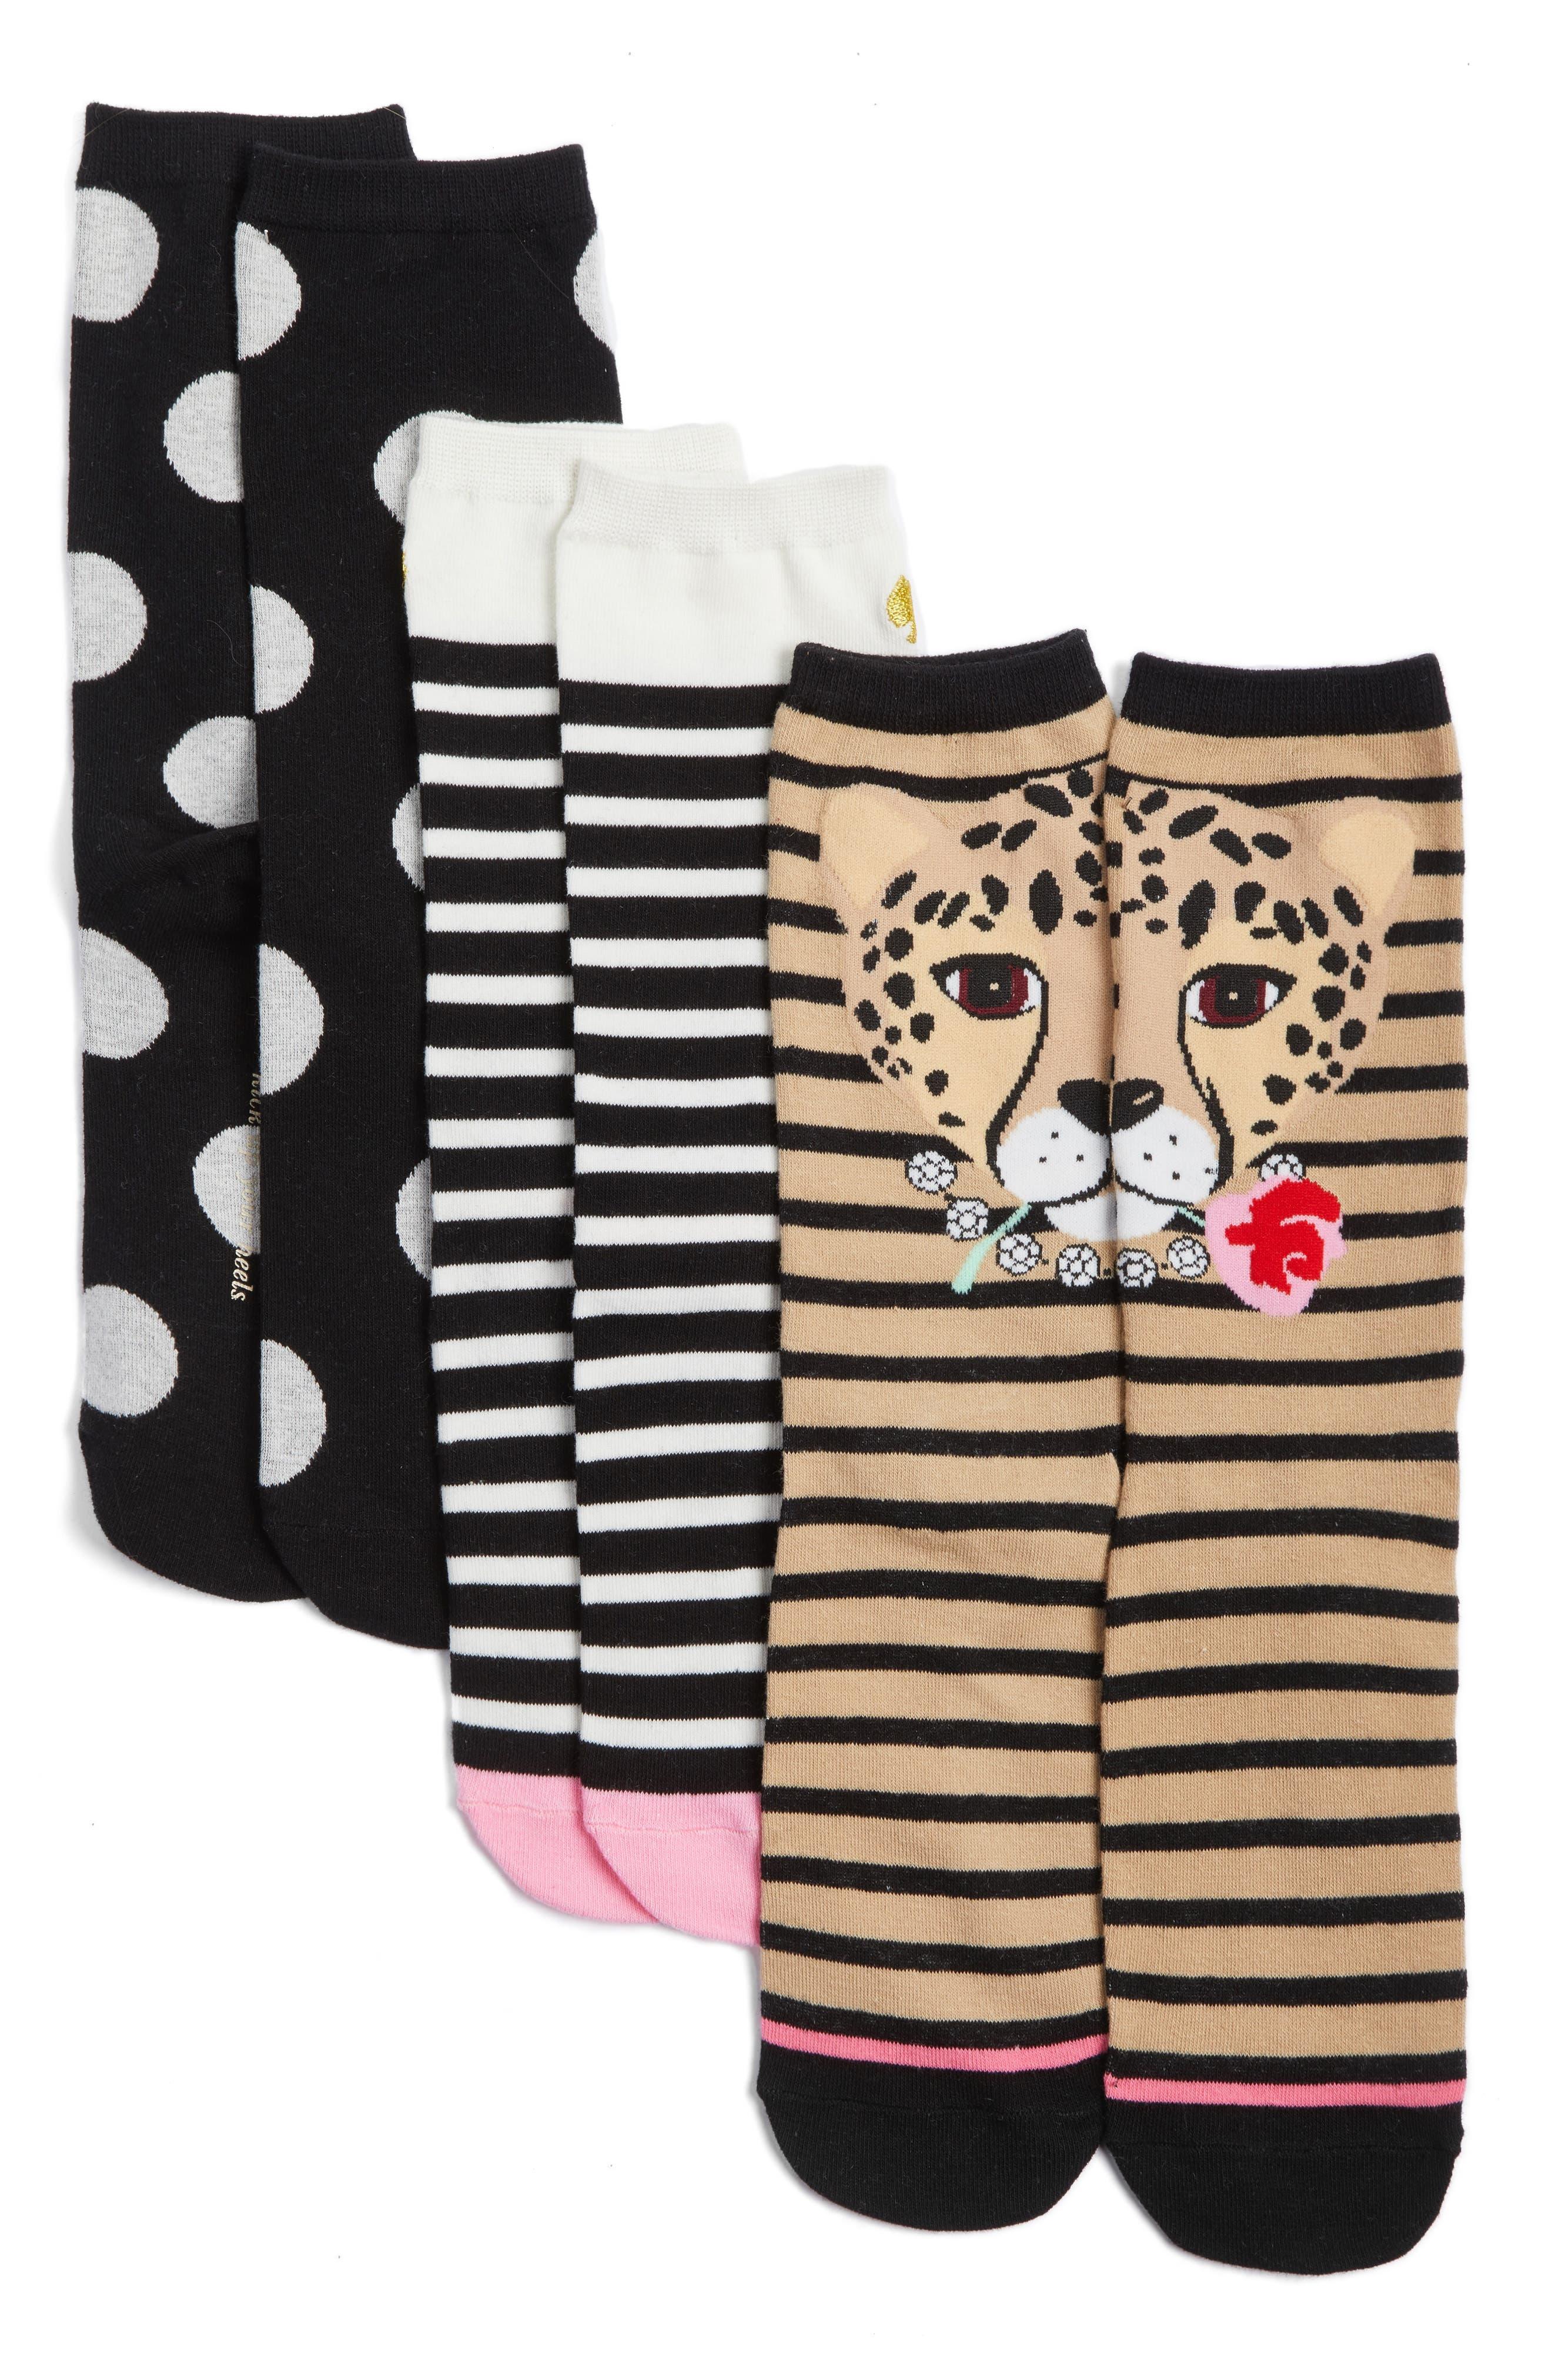 Main Image - kate spade new york 3-pack cheetah trouser socks